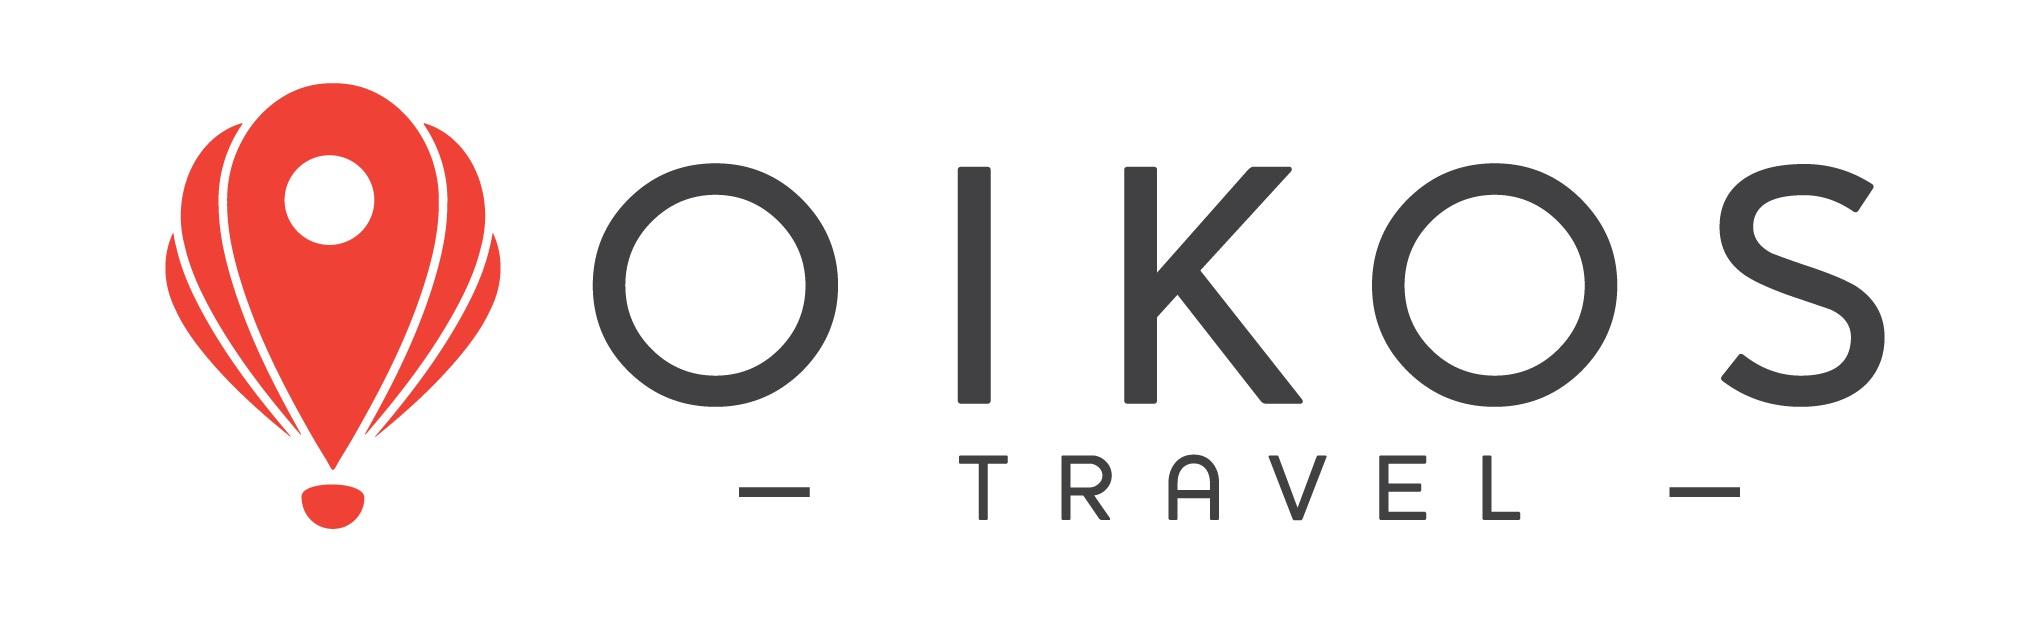 oikos travel logo